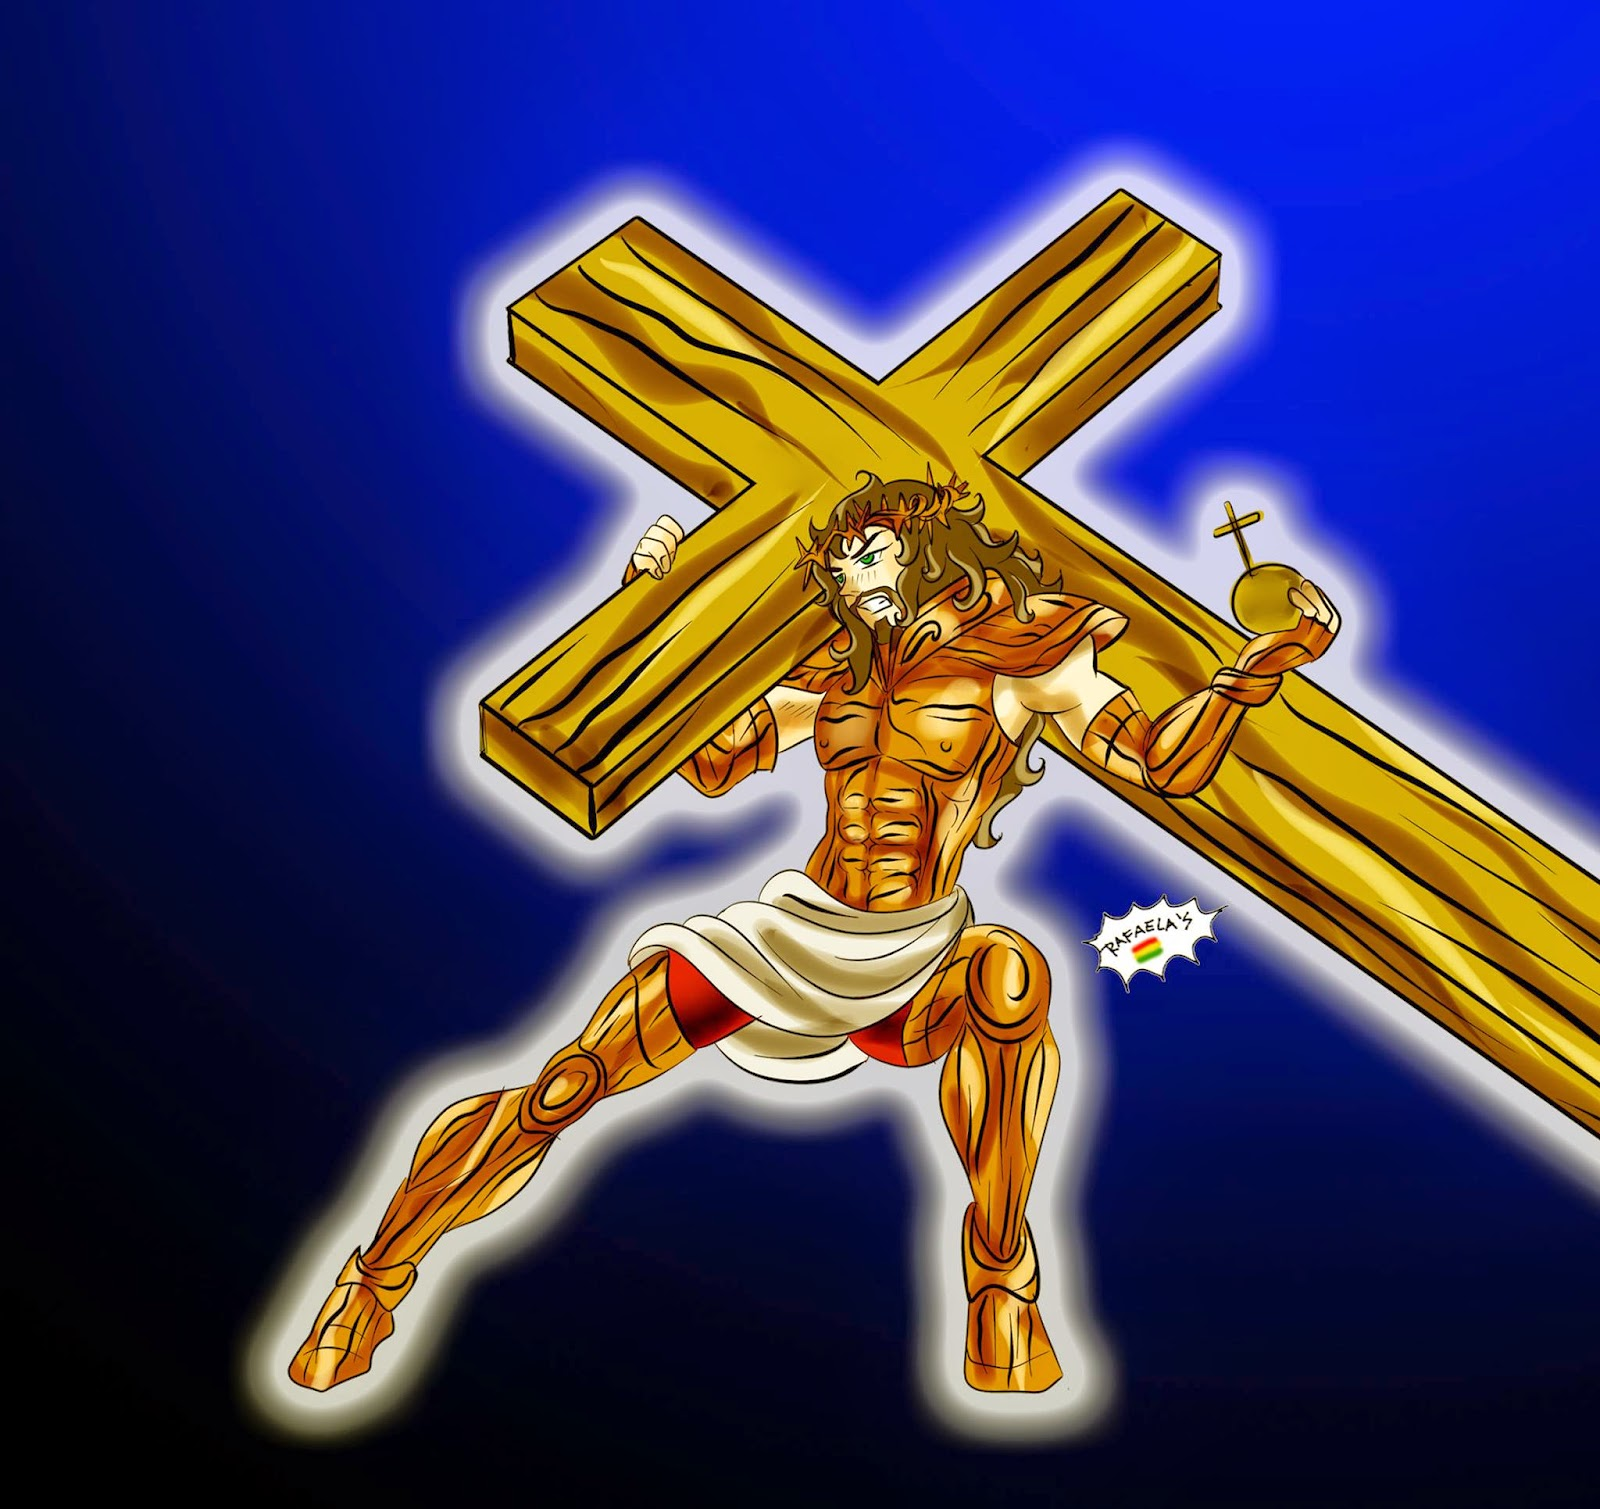 Cristo de bronce leyenda - Cochabandido especial